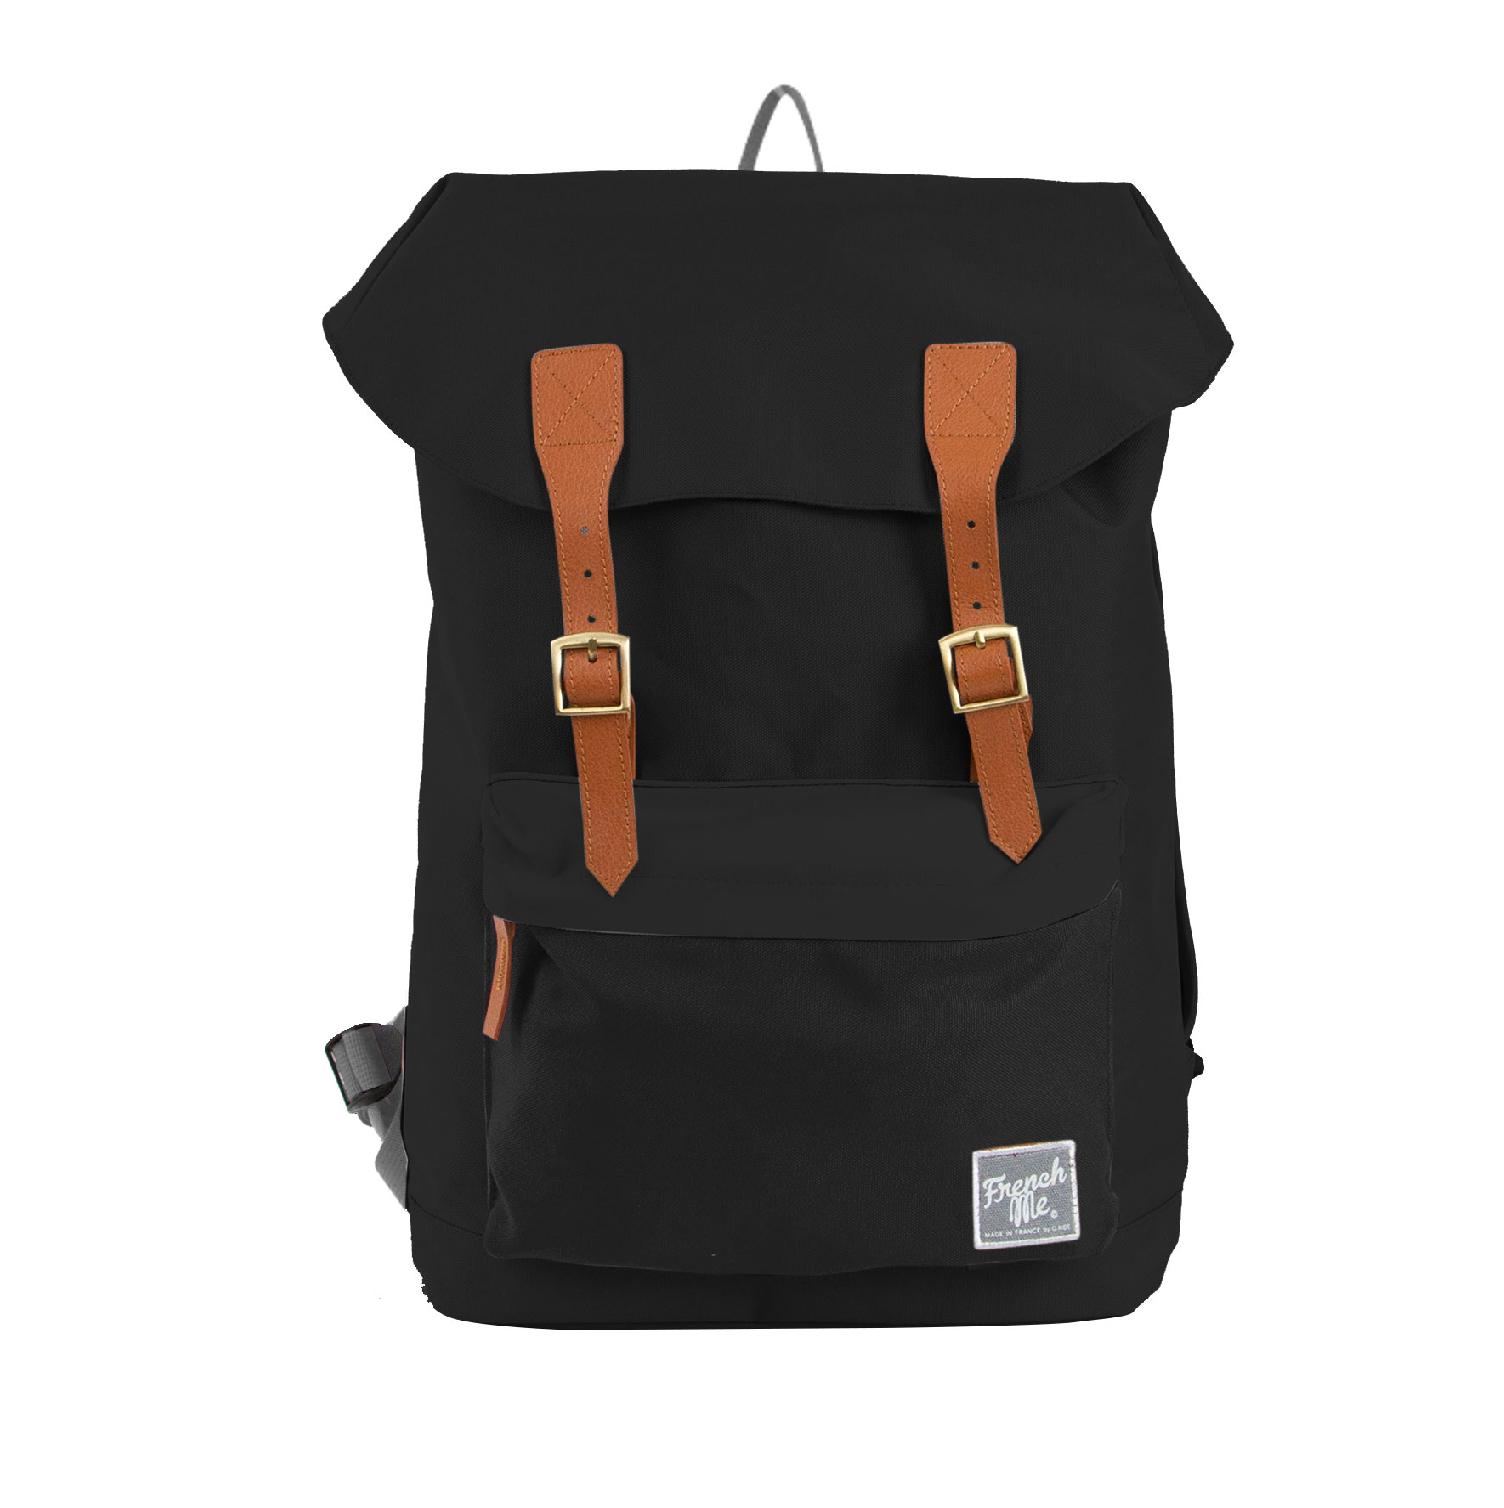 G.RIDE – Τσάντα πλάτης G.Ride μαύρη 1516524.0-7102